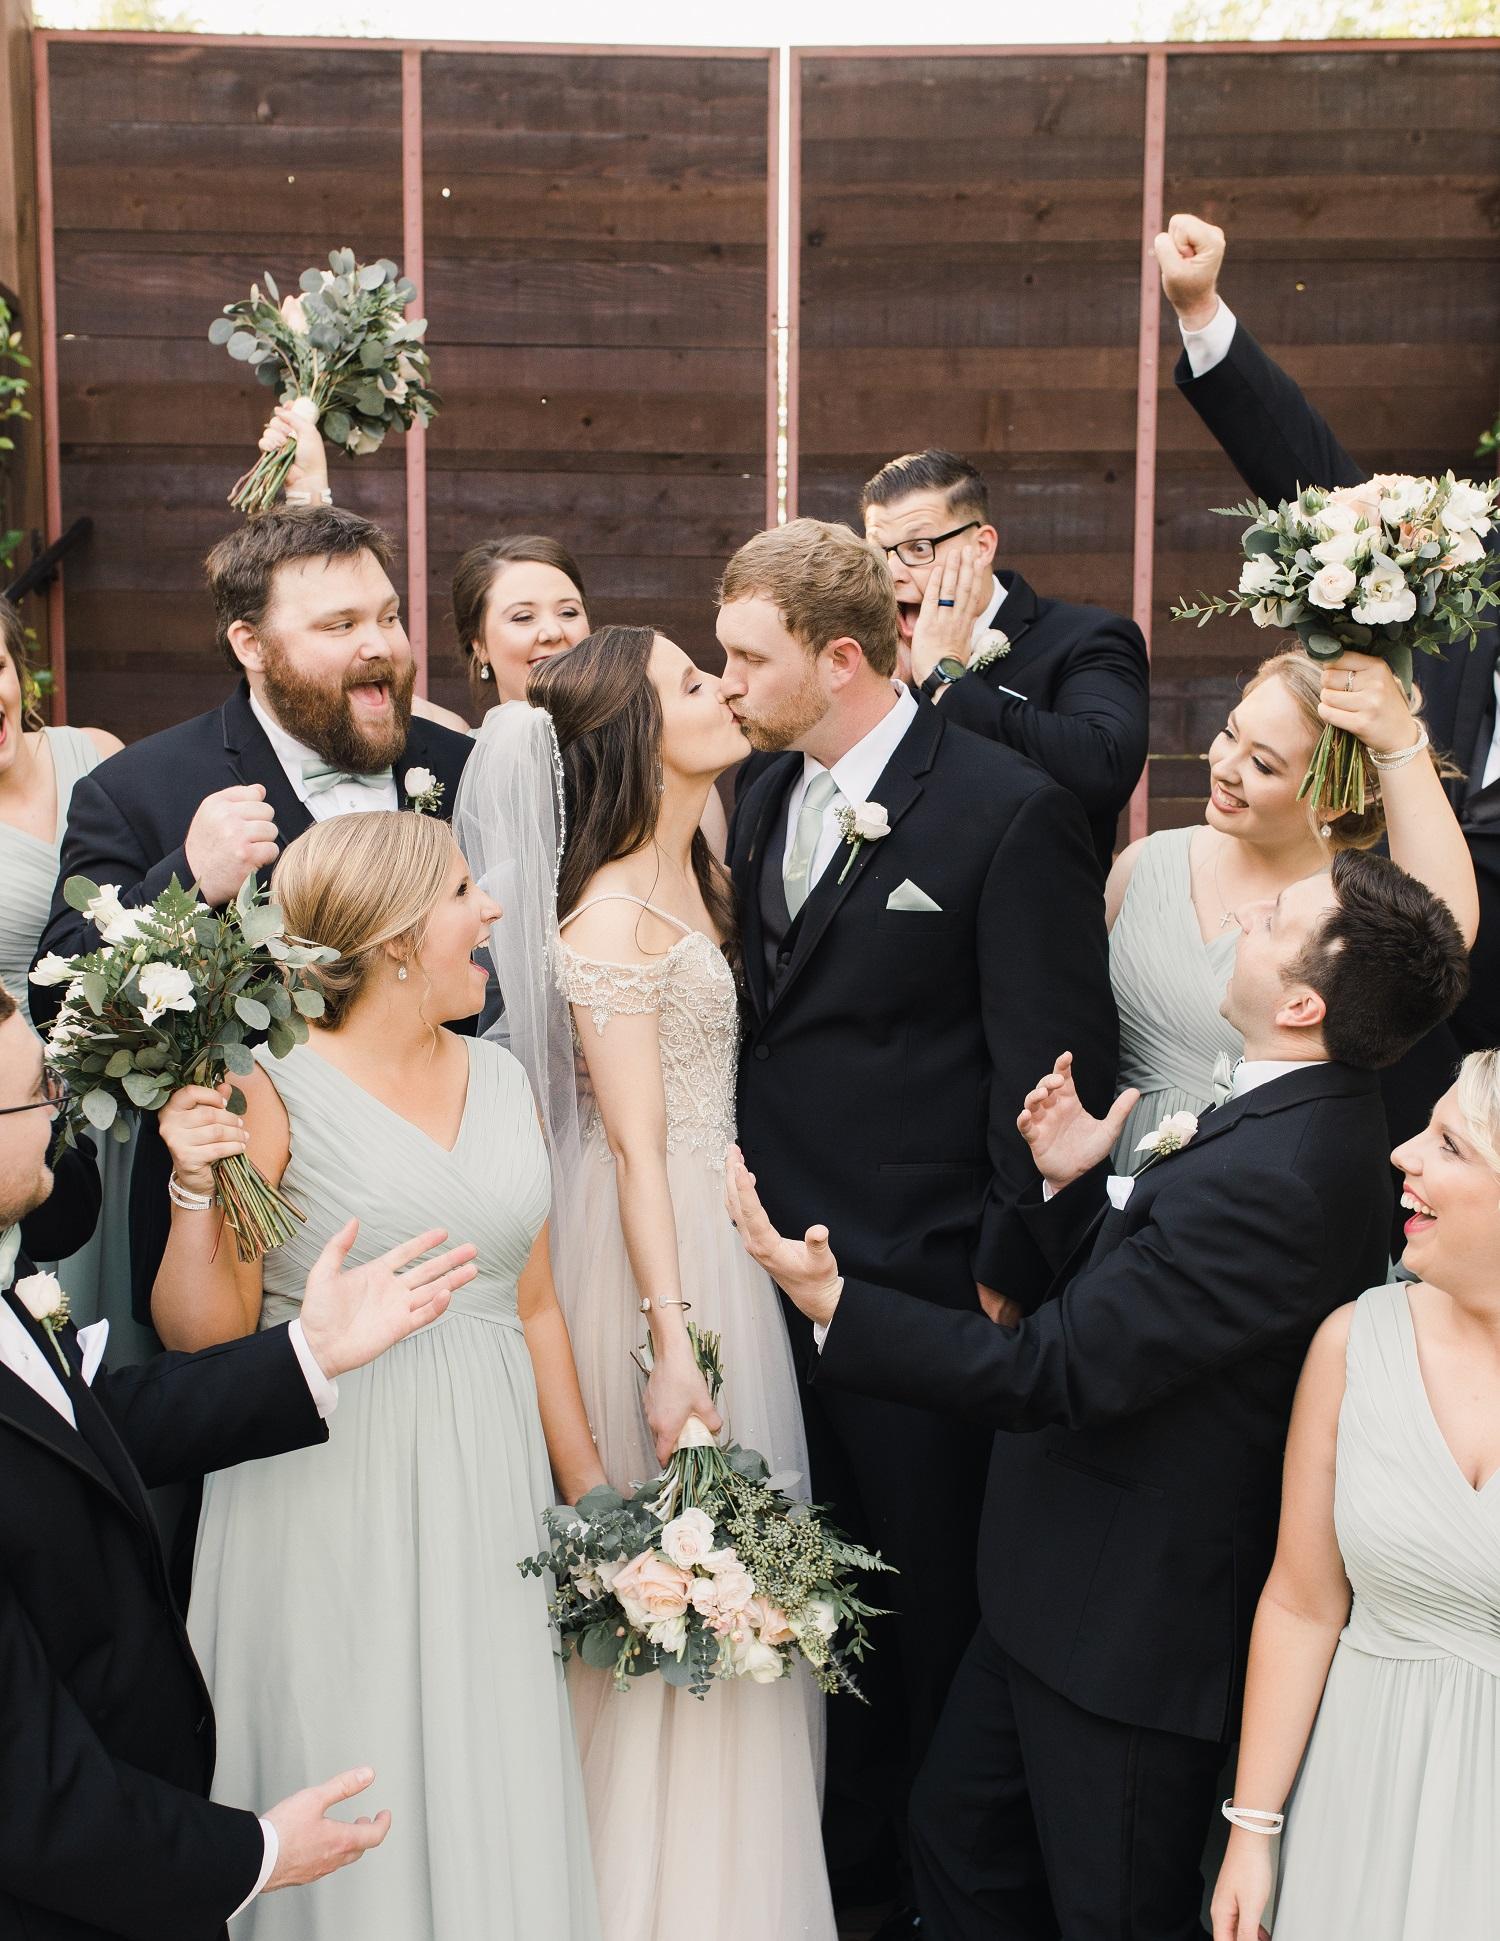 Stewart Wedding 3-49.jpg